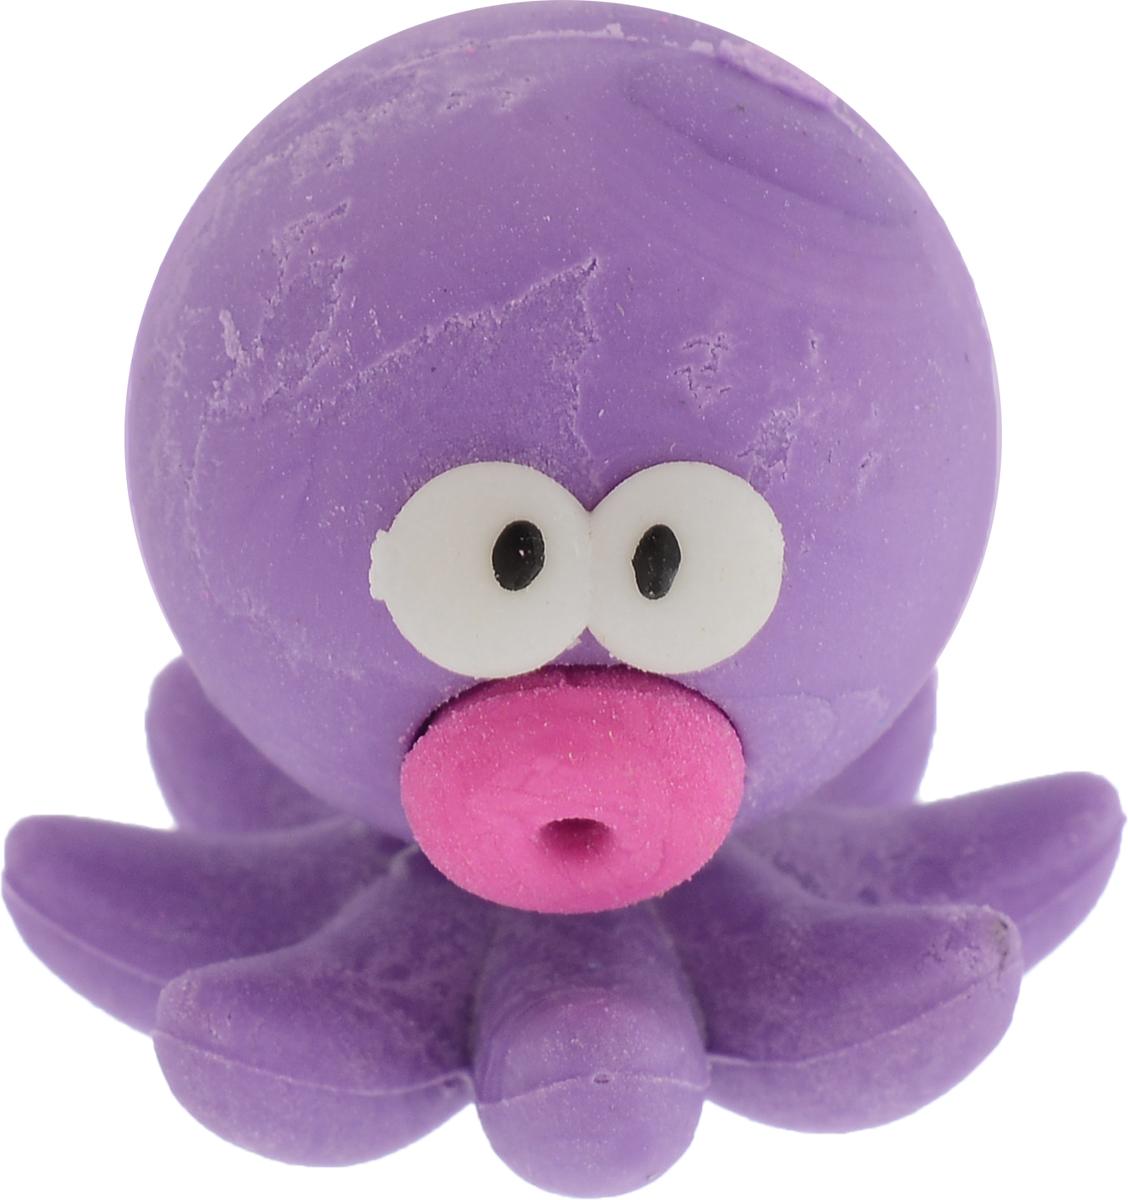 Пифагор Ластик Осьминожек цвет фиолетовый223609_фиолетовыйЛастик в форме осьминога используется для удаления надписей, выполненных карандашом. Обеспечивает легкое и чистое стирание без повреждения поверхности бумаги и без образования бумажной пыли.